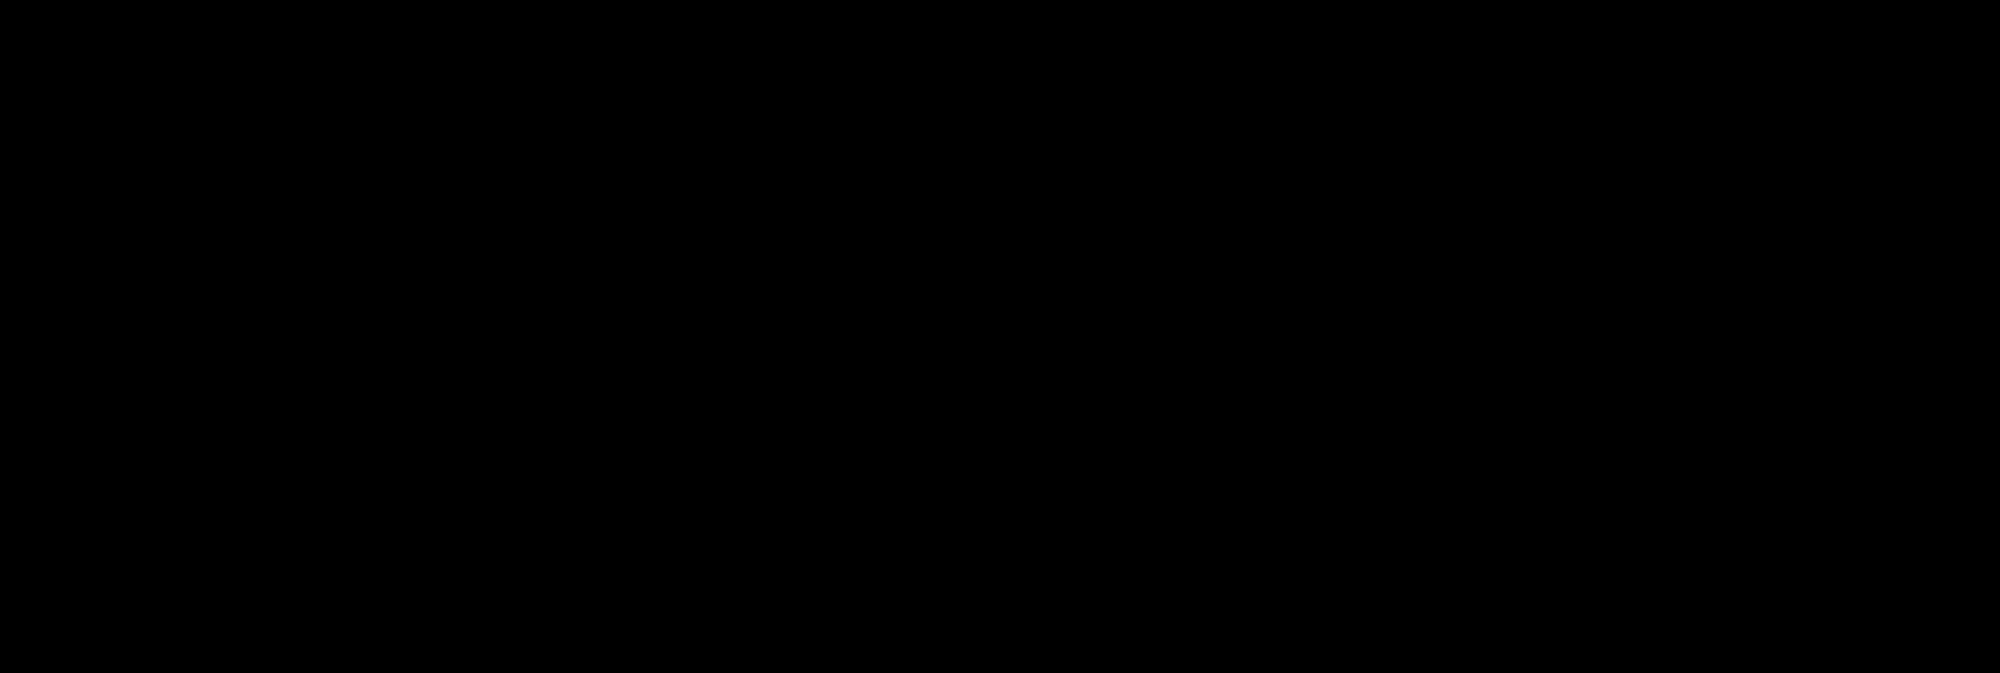 VISION logga svart